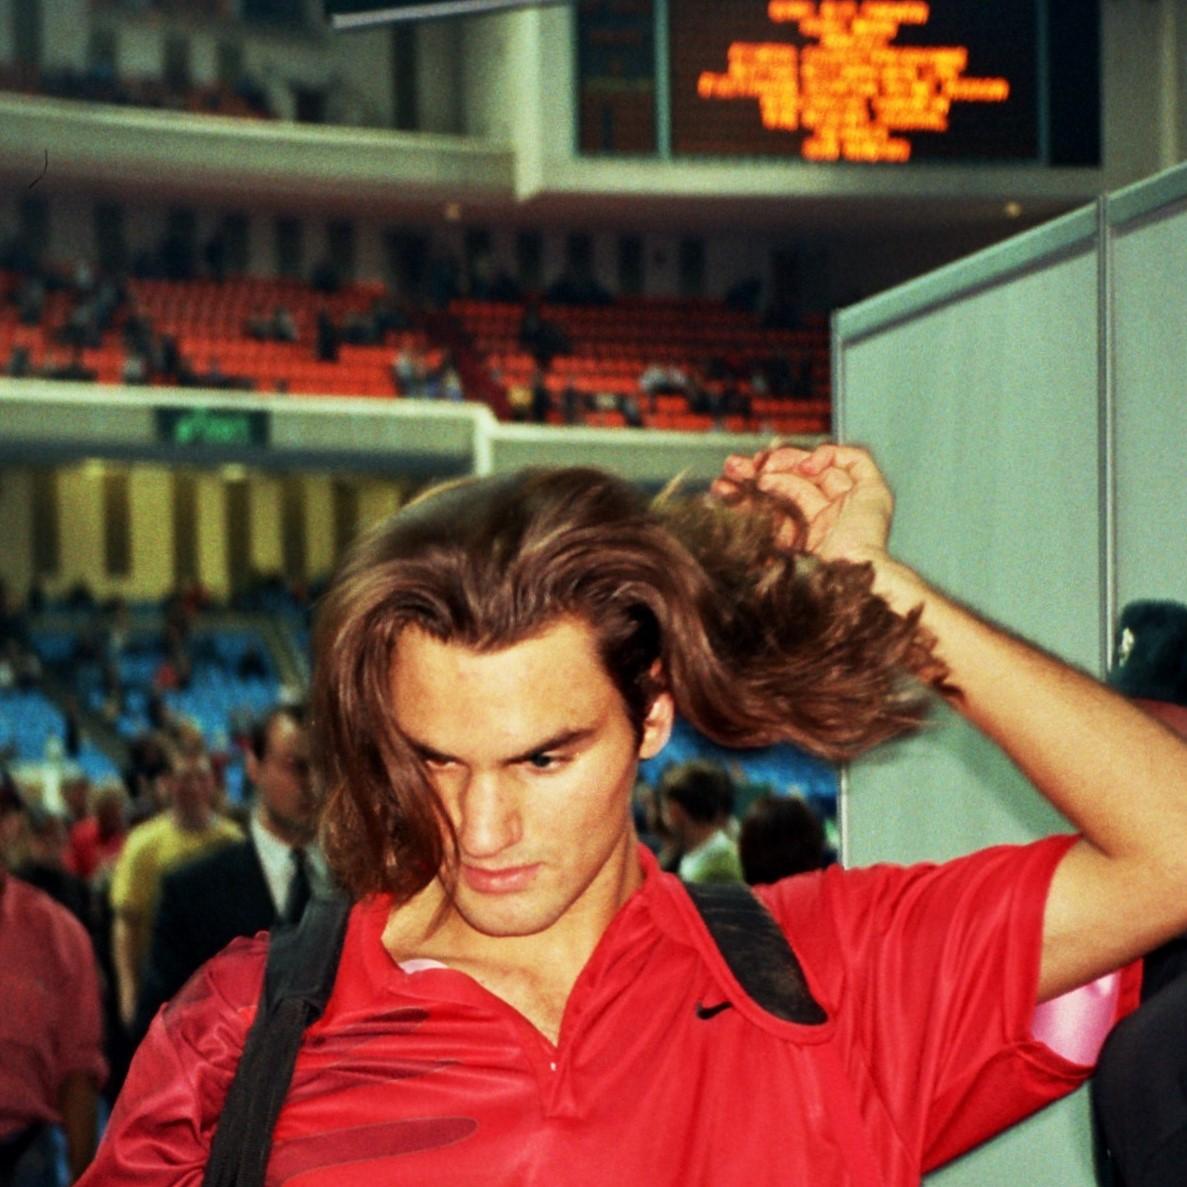 Федерер Роджер (Швейцария) Победитель Кубка Кремля в парном разряде вместе с Мирным Максимом (Белоруссия) 2002